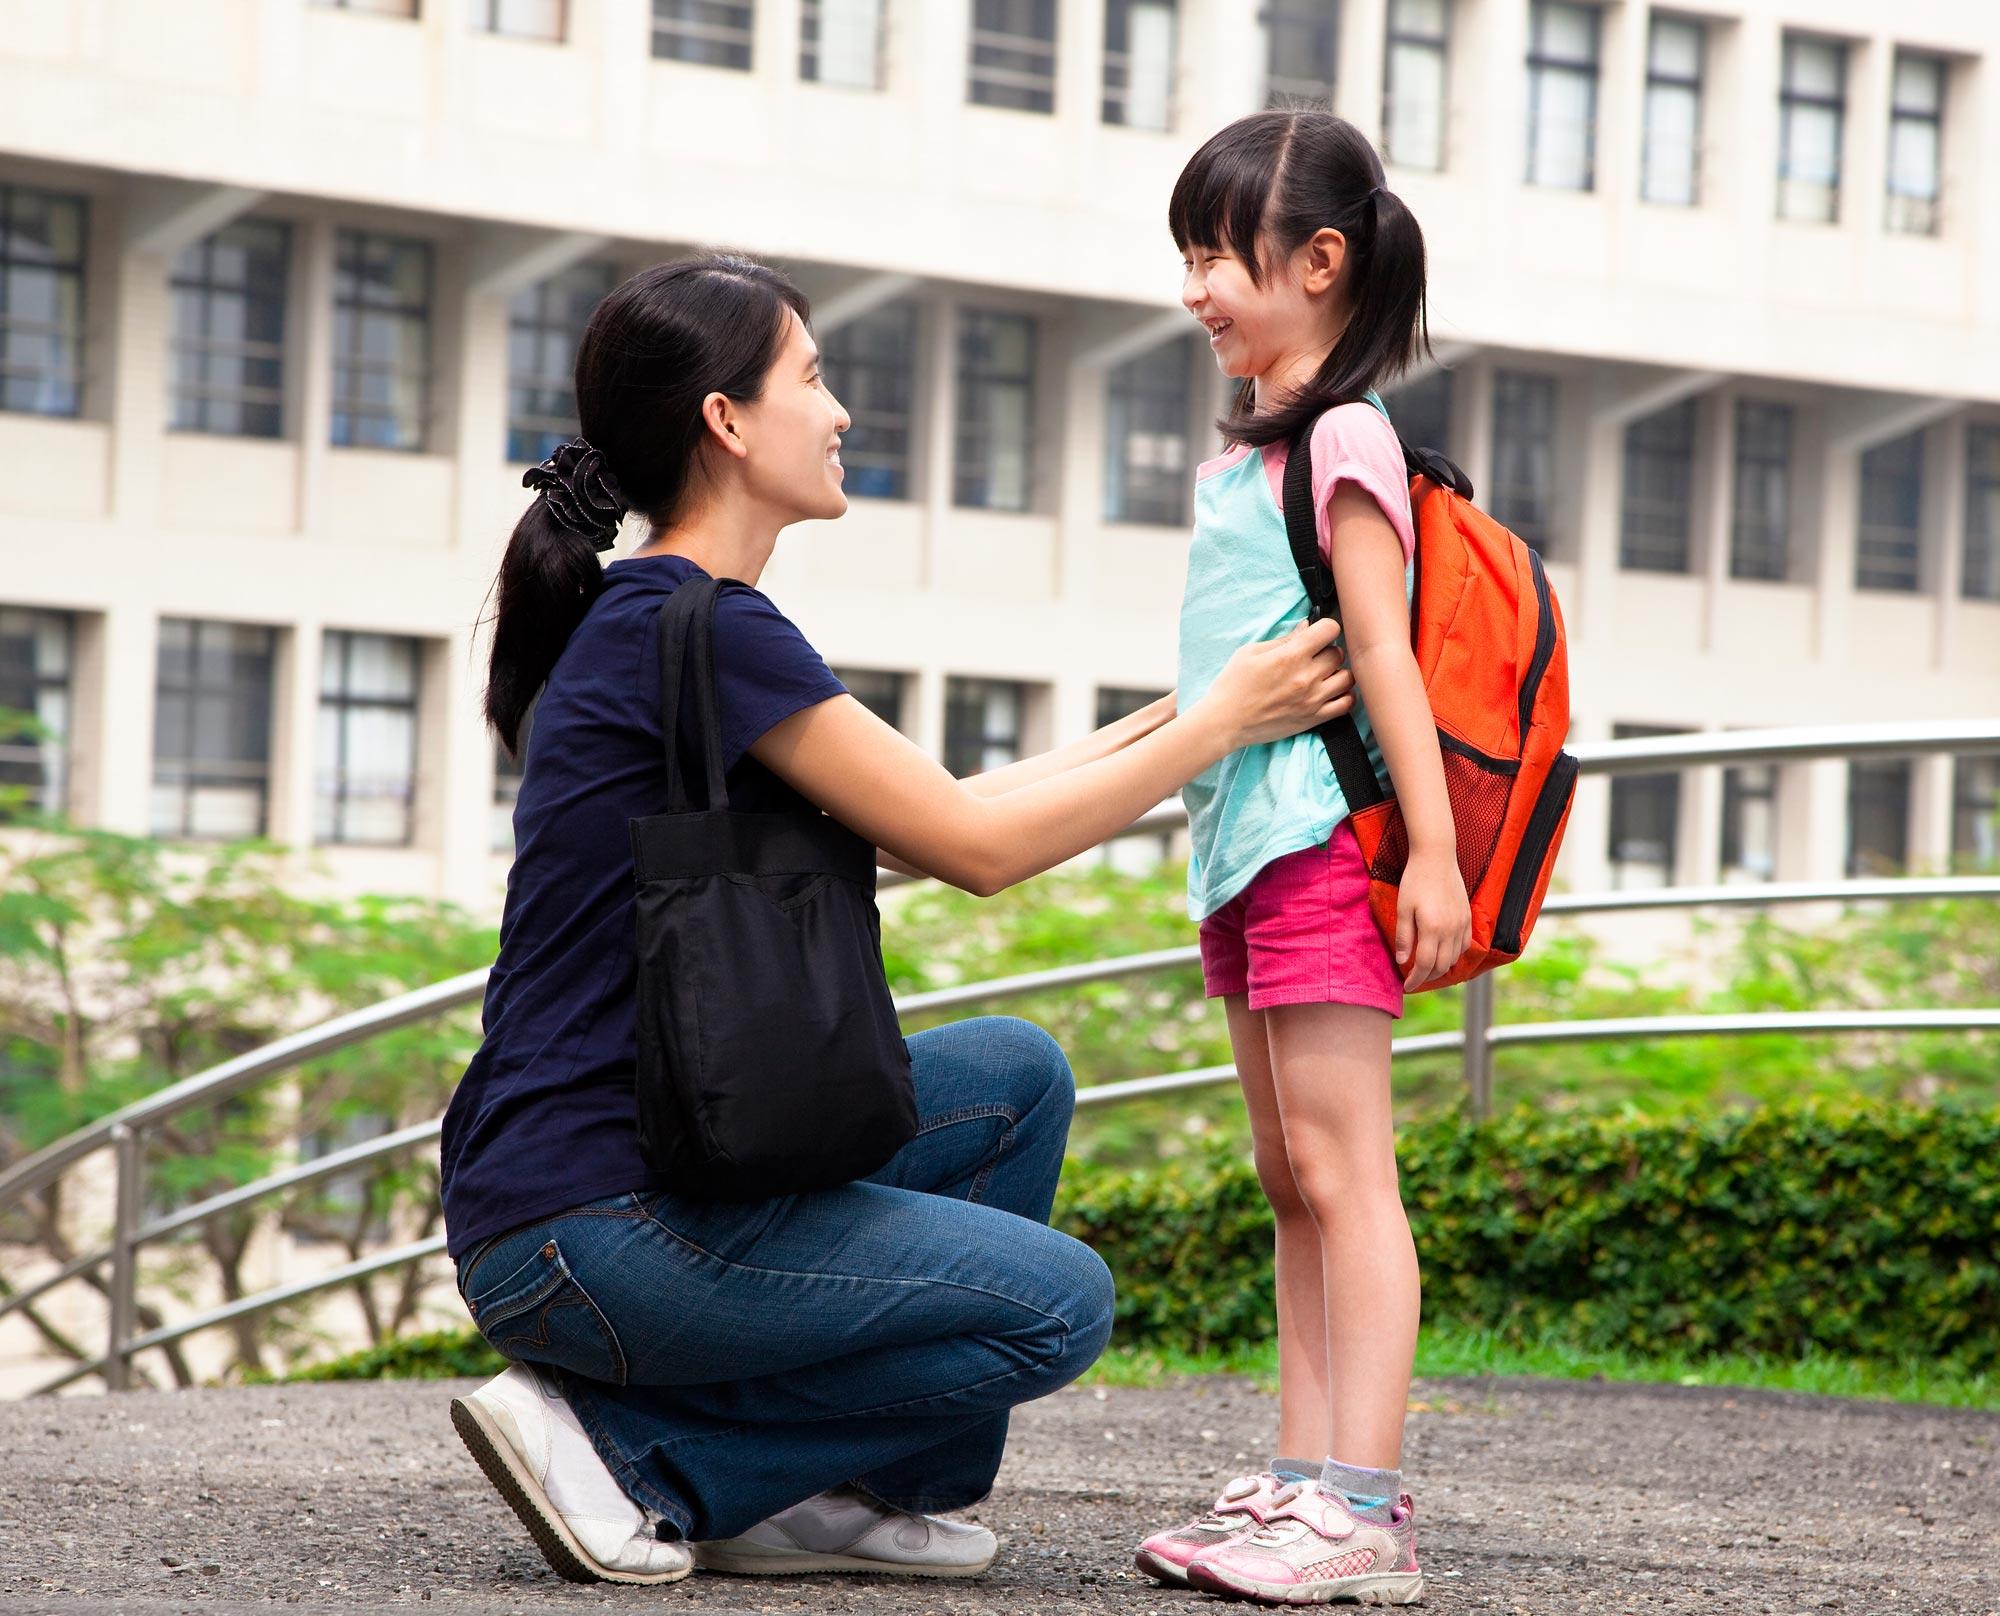 Semangat ke Sekolah